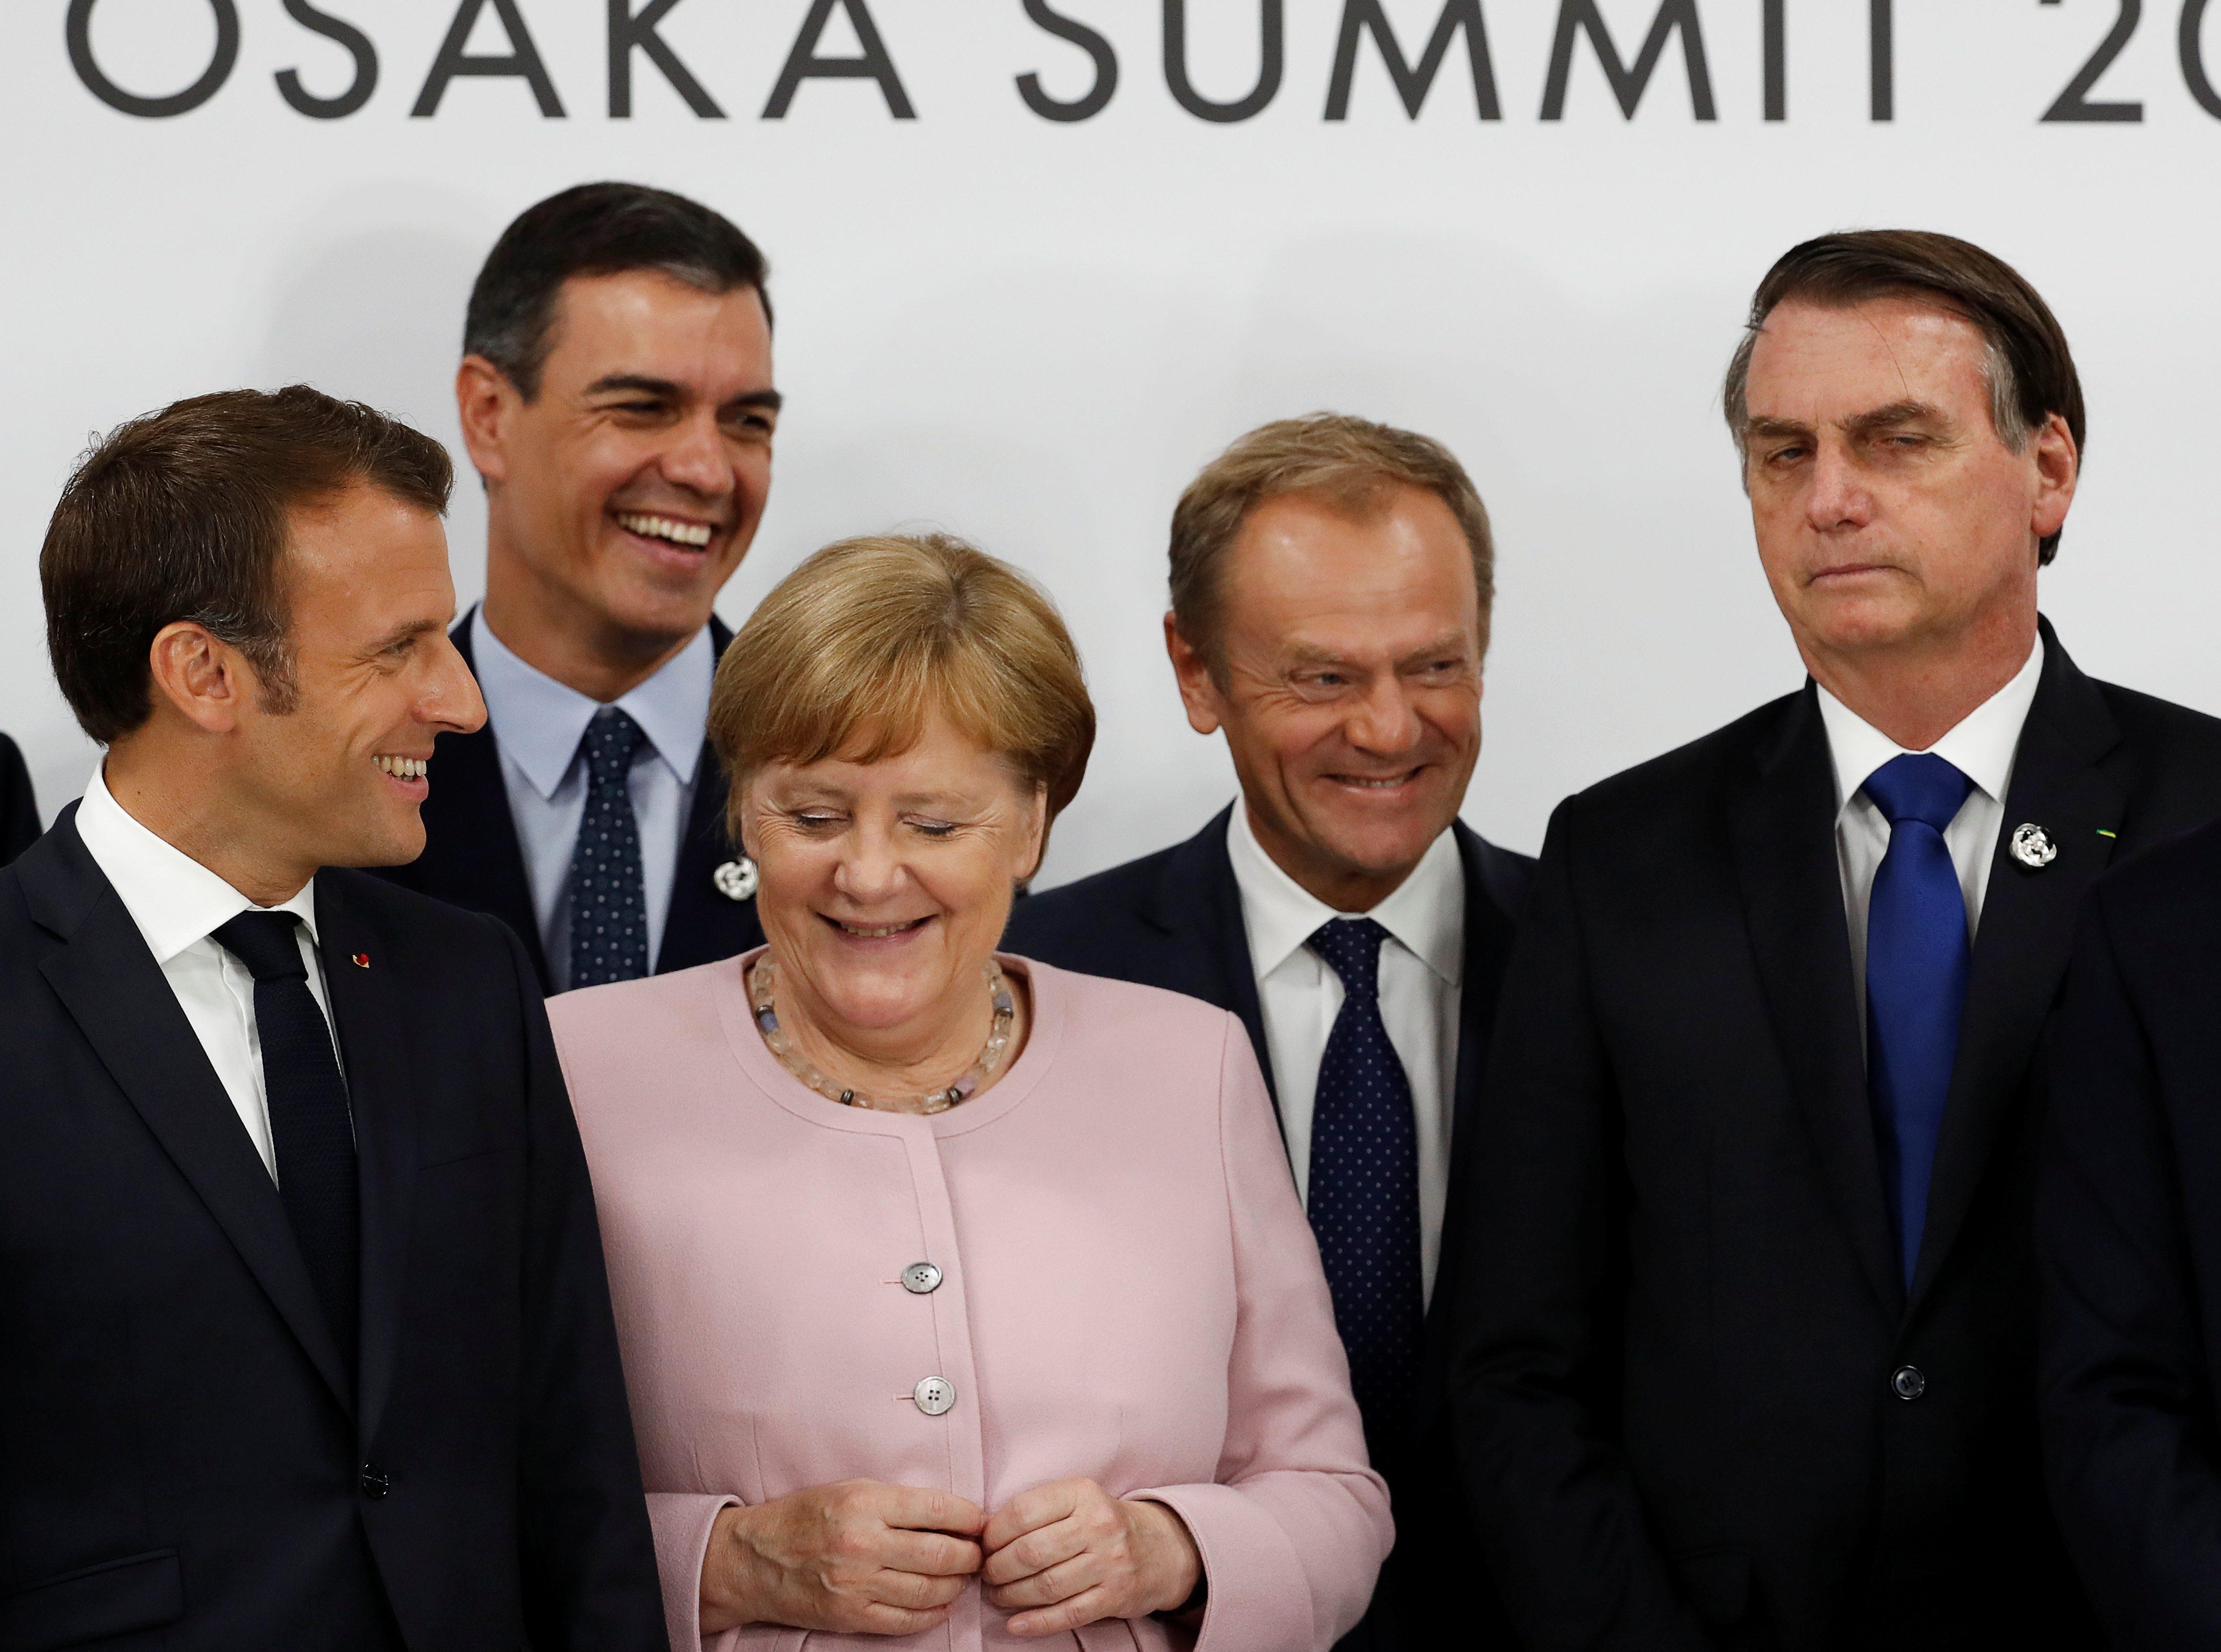 Bolsonaro aceptaría ayuda del G7 sólo si Macron se retracta de sus declaraciones